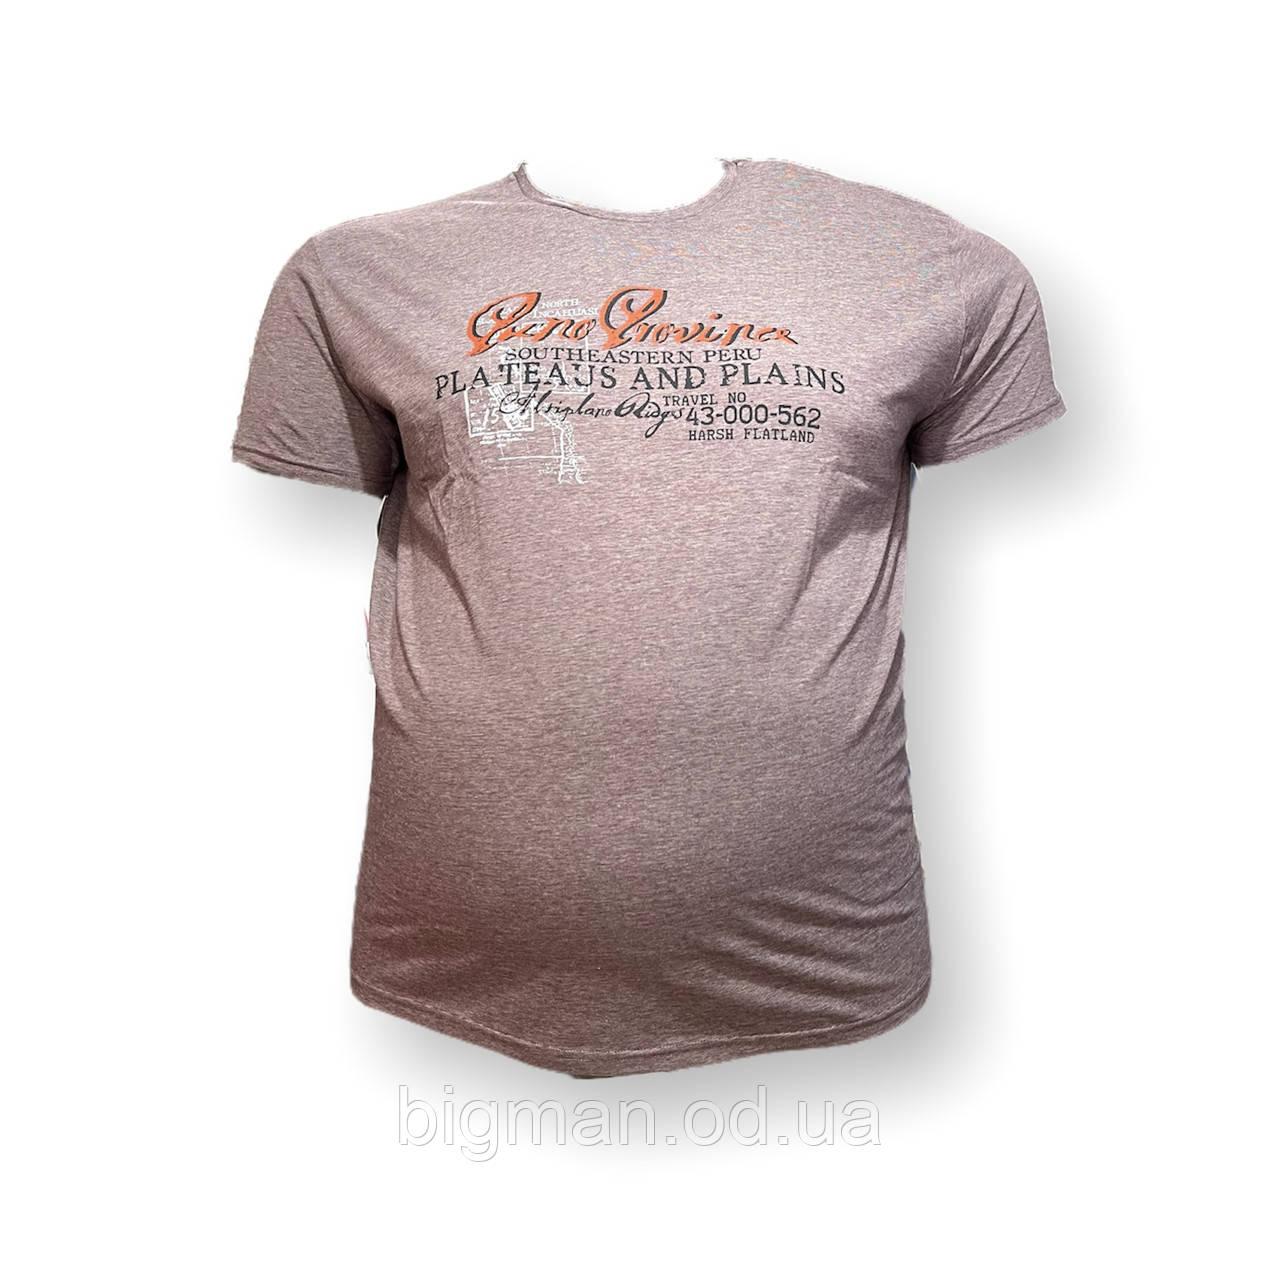 Чоловіча батальна футболка Monte Carlo 12091 3XL 4XL 5XL 6XL 7XL рожевий великі розміри Туреччина